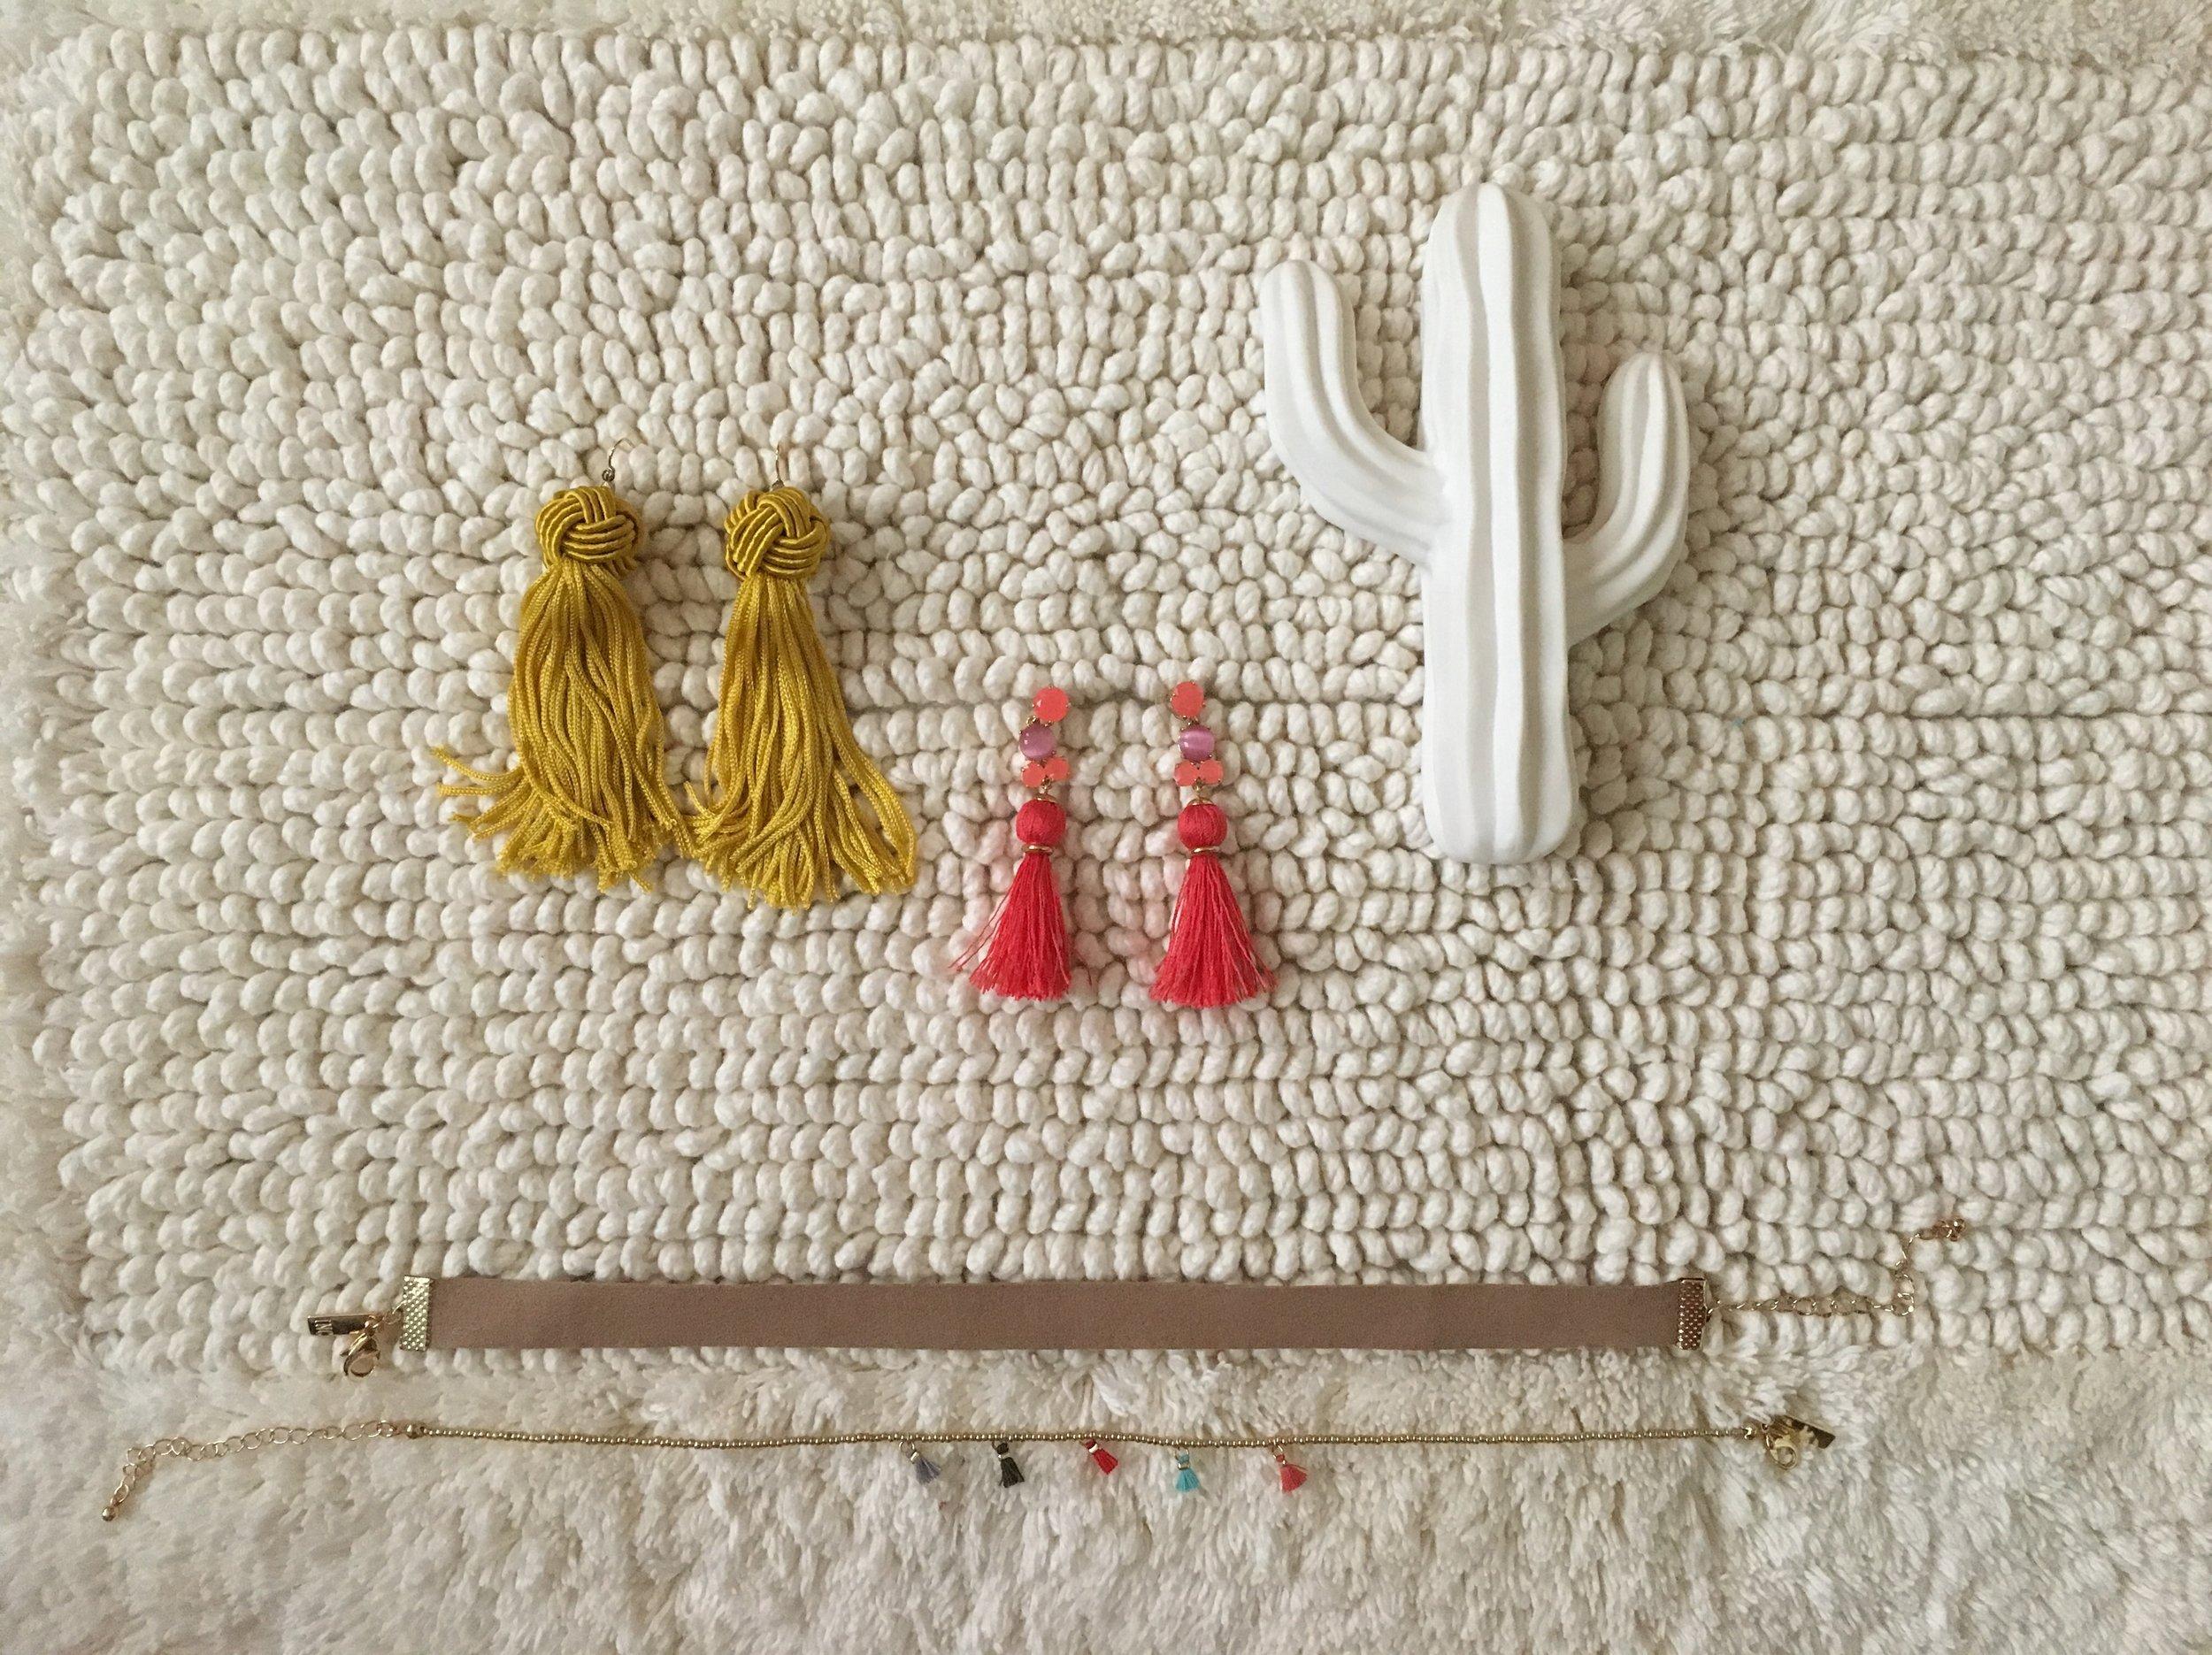 - 1. Vanessa Mooney Gold Astrid Tassel Earrings 2. Kate Spade Pink Tassel Earrings 3. I.N.C. Tassel Choker